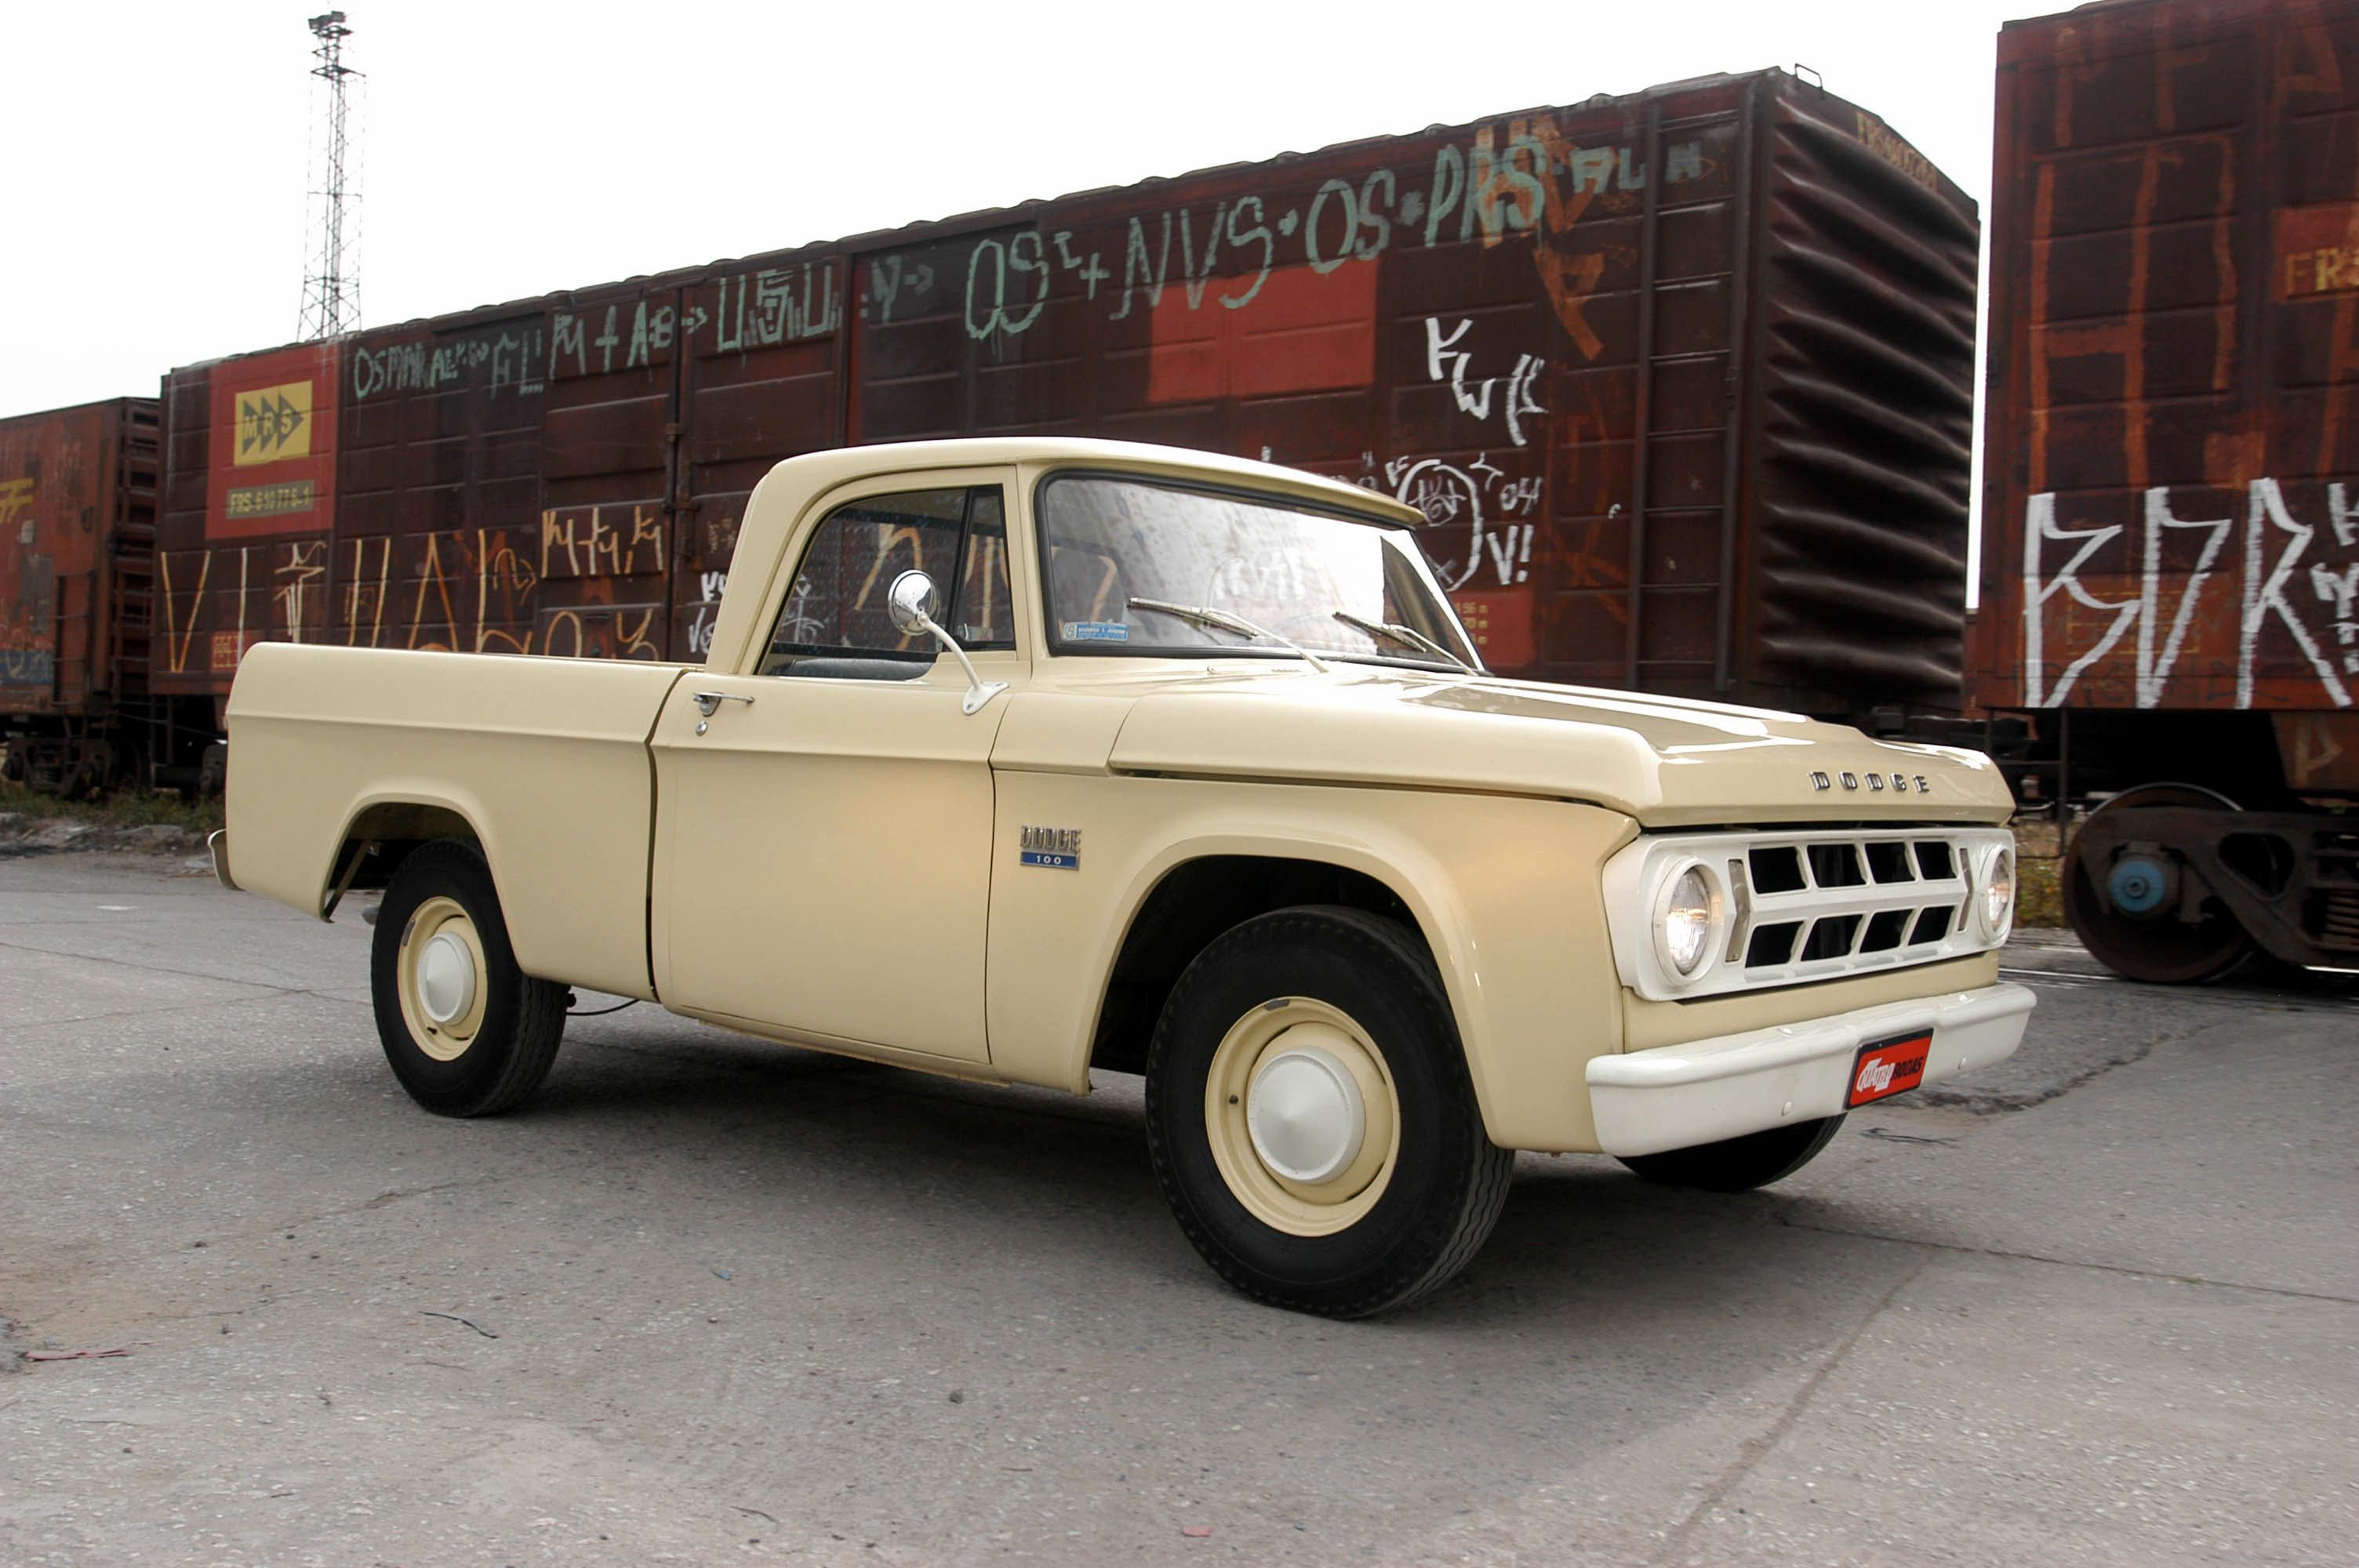 Dodge D 100, picape versão standard modelo 1970 da Chrysler, de propriedade de F_1